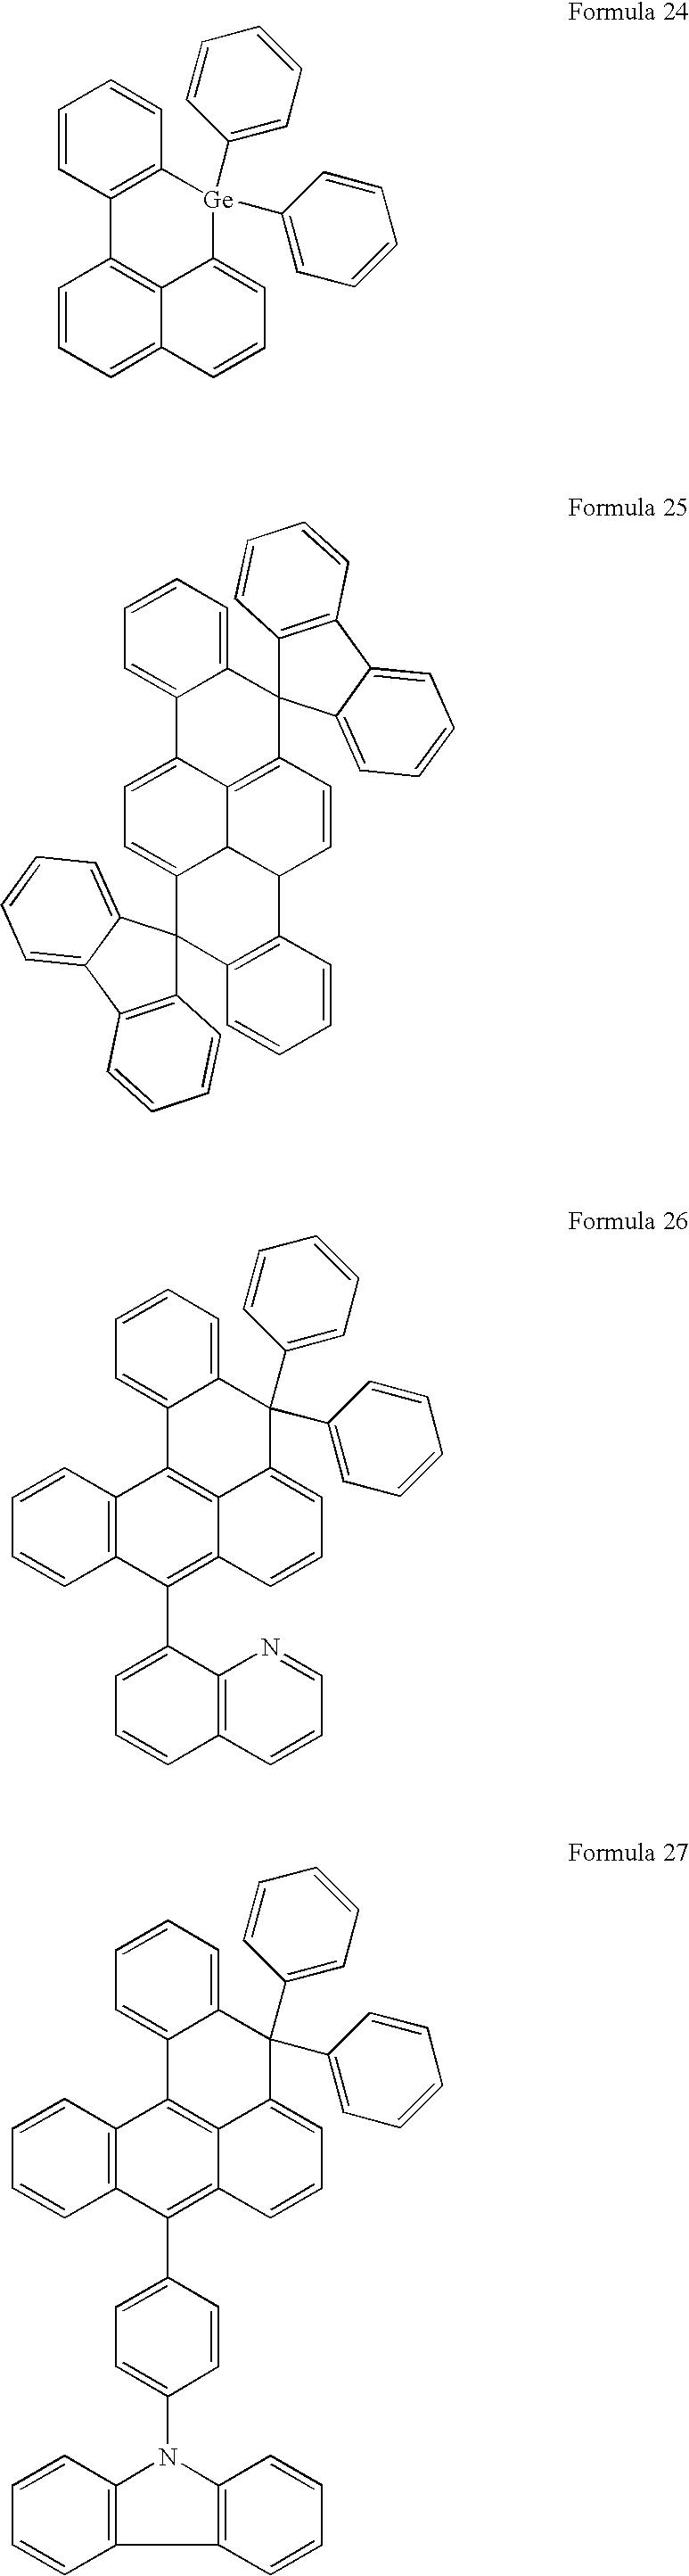 Figure US20080100208A1-20080501-C00034